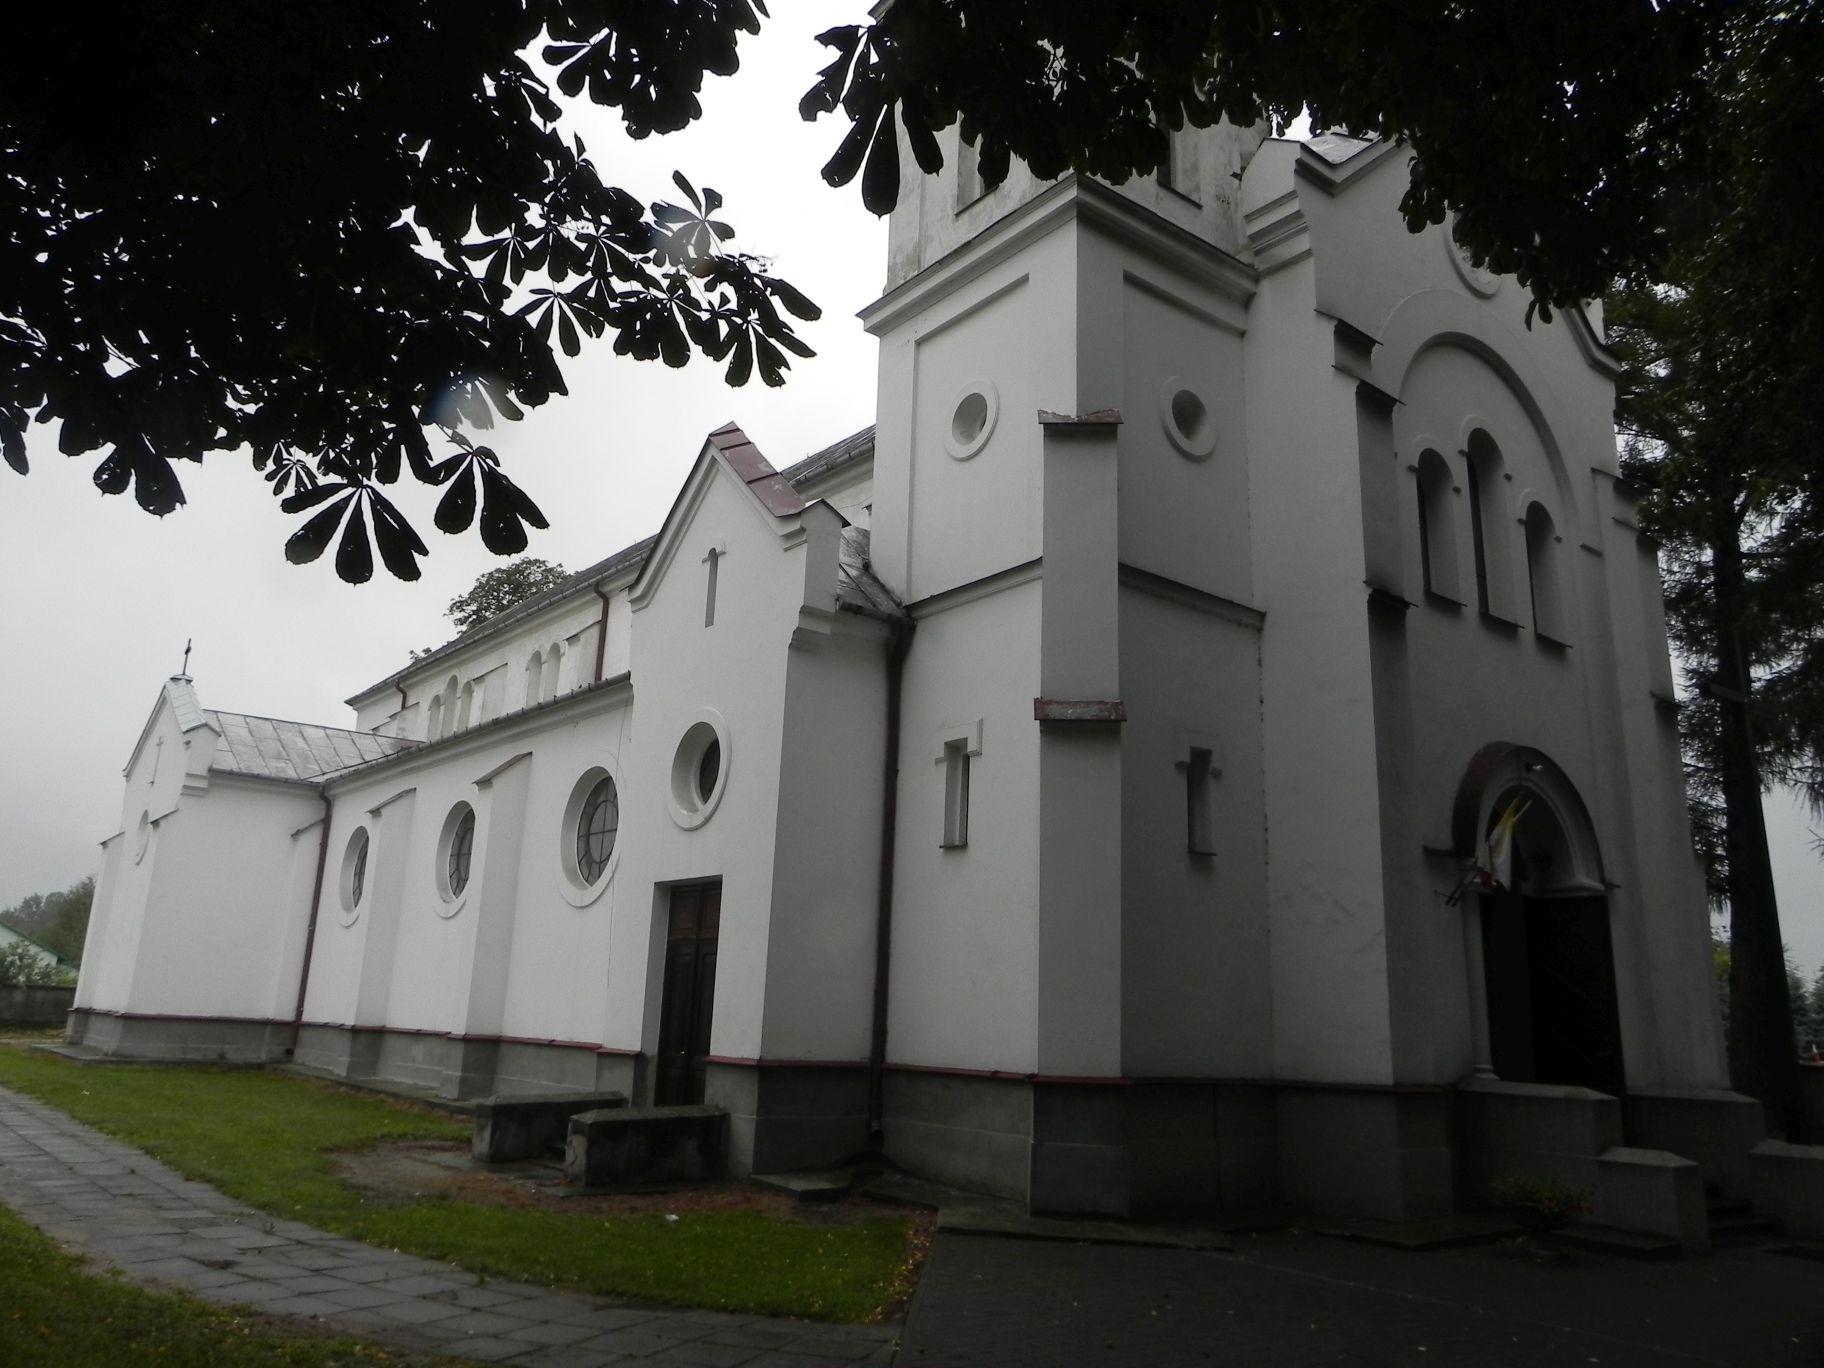 2012-08-16 Sadkowice - dożynki (4)